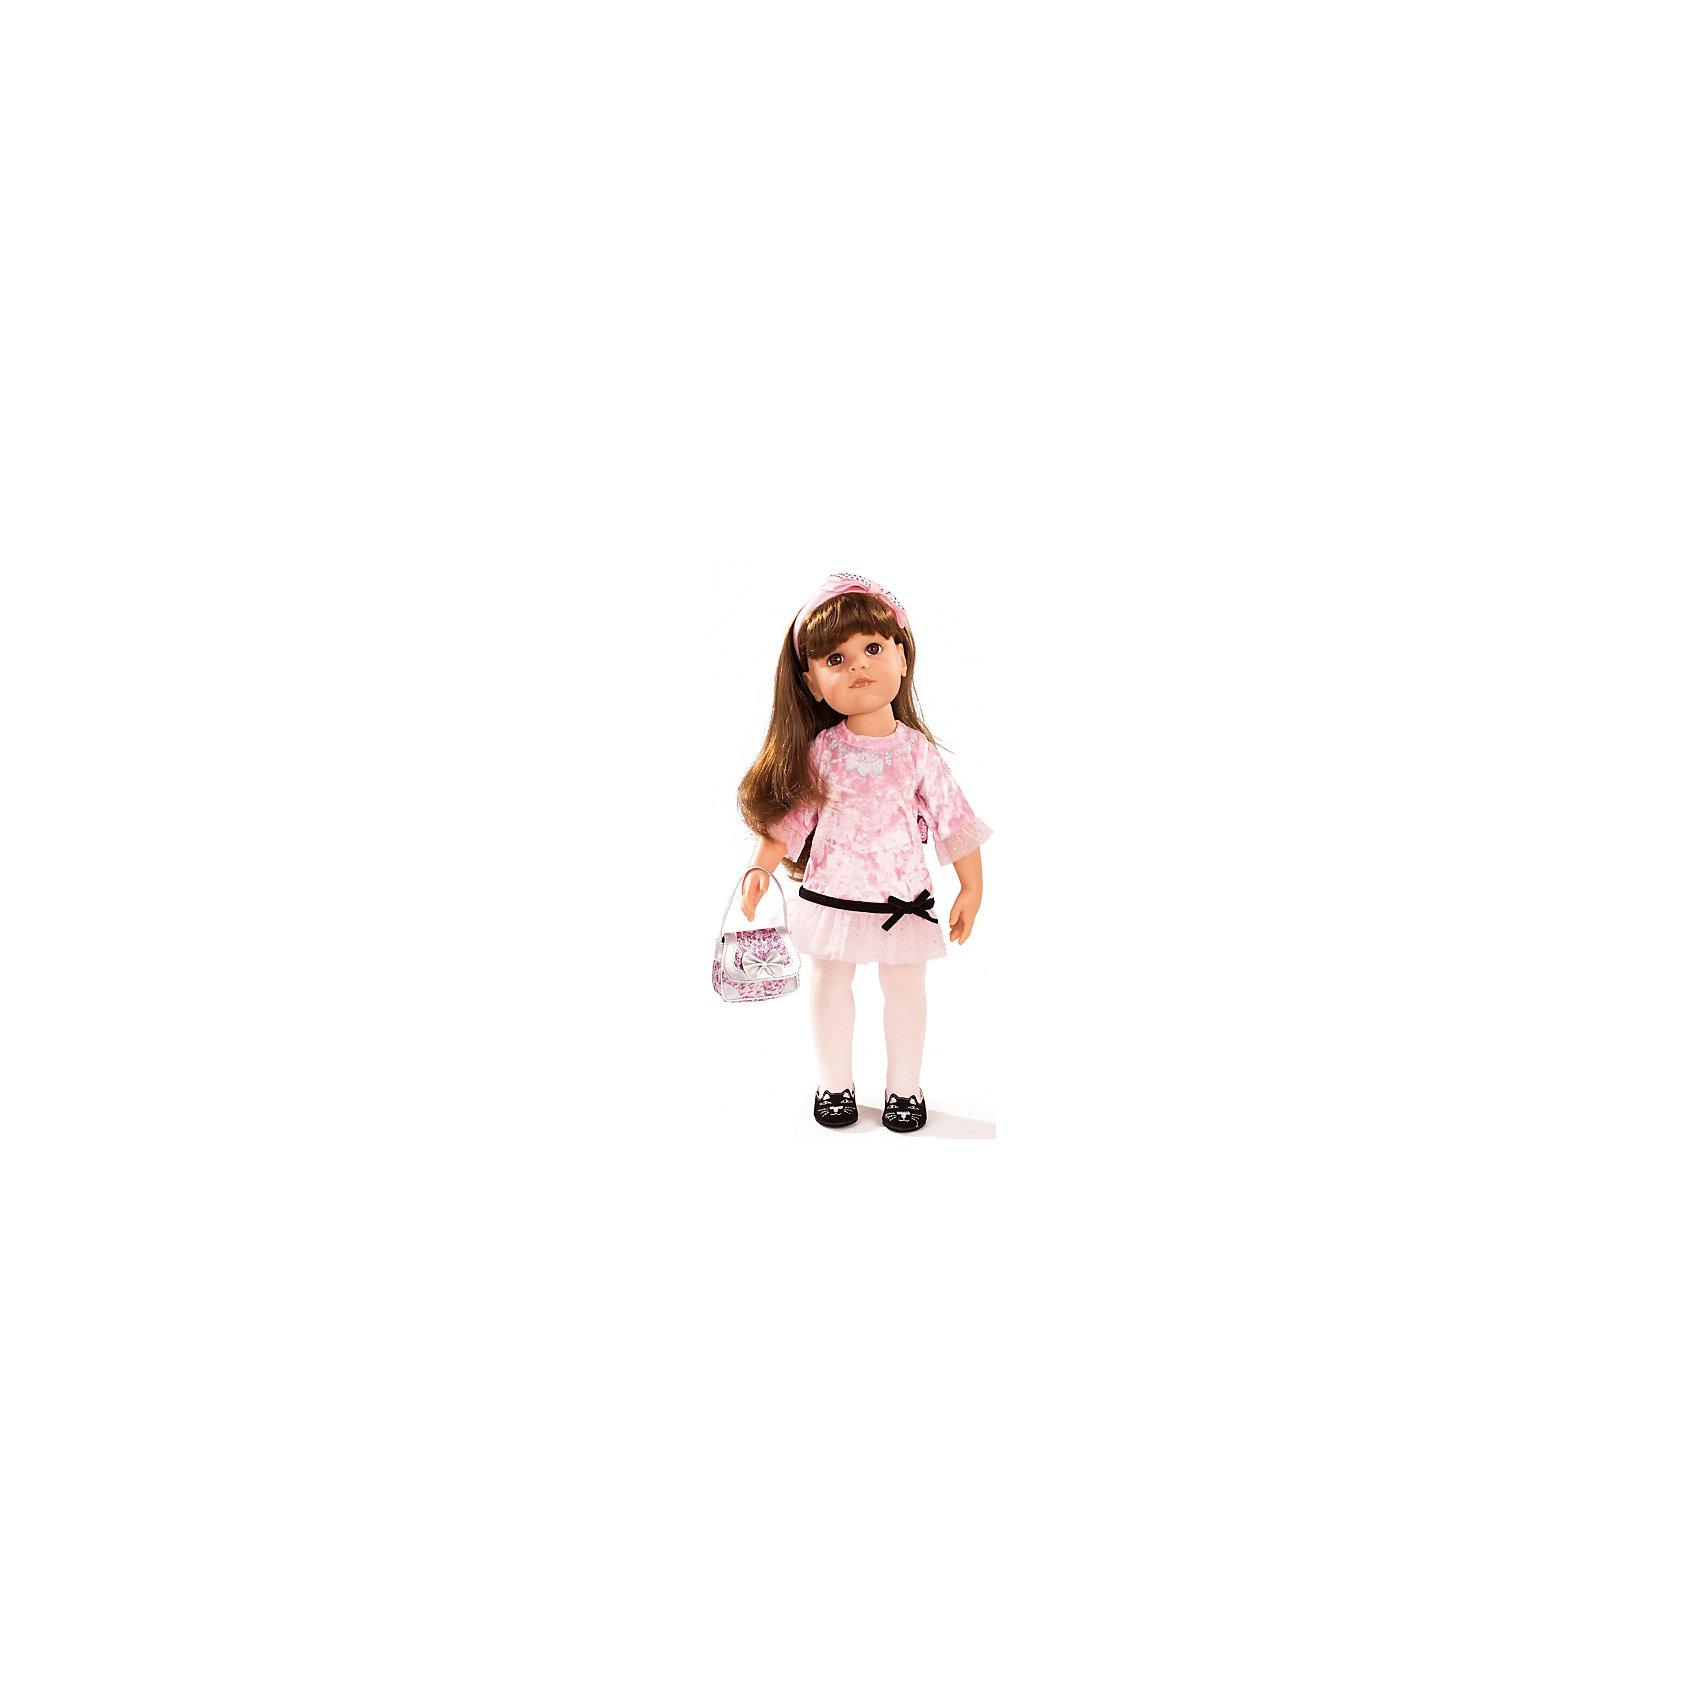 Кукла Ханна-именинница, 50 см, G?tzБренды кукол<br>Очаровательная кукла Ханна-именинница станет замечательным подарком для девочки. С красивой куклой, которая так похожа на настоящую девочку, можно проводить много времени вместе, придумывая увлекательные сюжеты для игр. Кукла Gotz с виниловым подвижным телом подходит для активных игр дома и на улице. Куклу можно переодевать и делать различные прически. Ханна одета в прекрасный наряд, как нельзя лучше подходящий для именинницы! На ней забавные туфельки с вышитыми на них мордочками котиков, платьице с сетчатой юбочкой и темным пояском, в руках у куколки сумочка. Прекрасные мягкие темные волосы куклы распущены, на голове у нее розовая повязка с бантом. В комплекте: кукла Ханна в праздничной одежде и обуви, сумочка, деревянная игрушечная вафельница,<br>деревянные вафли и тарелочки. Куклу можно мыть, для поддержания одежды в опрятном виде рекомендуется щадящая машинная стирка при температуре 30 градусов.<br><br>Ширина мм: 527<br>Глубина мм: 384<br>Высота мм: 140<br>Вес г: 1800<br>Возраст от месяцев: 36<br>Возраст до месяцев: 144<br>Пол: Женский<br>Возраст: Детский<br>SKU: 4813062